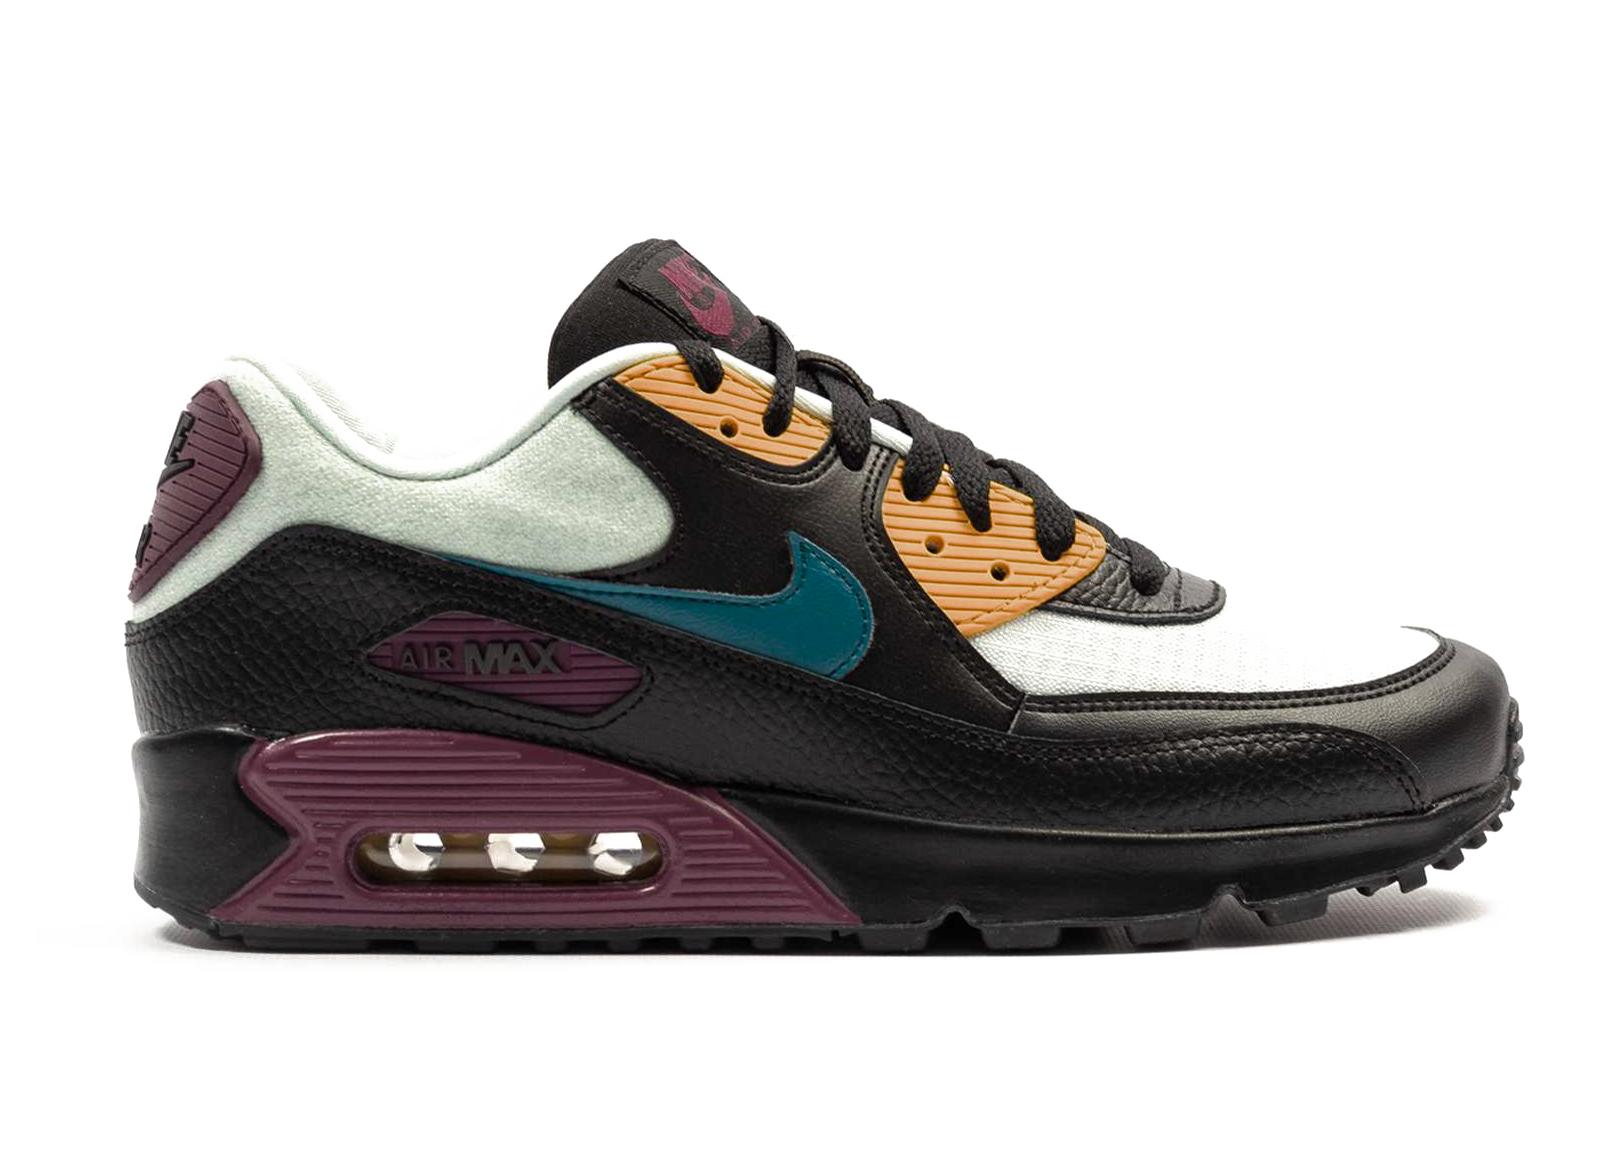 Nike Air Max 90 Bordeaux (W) - 325213-058